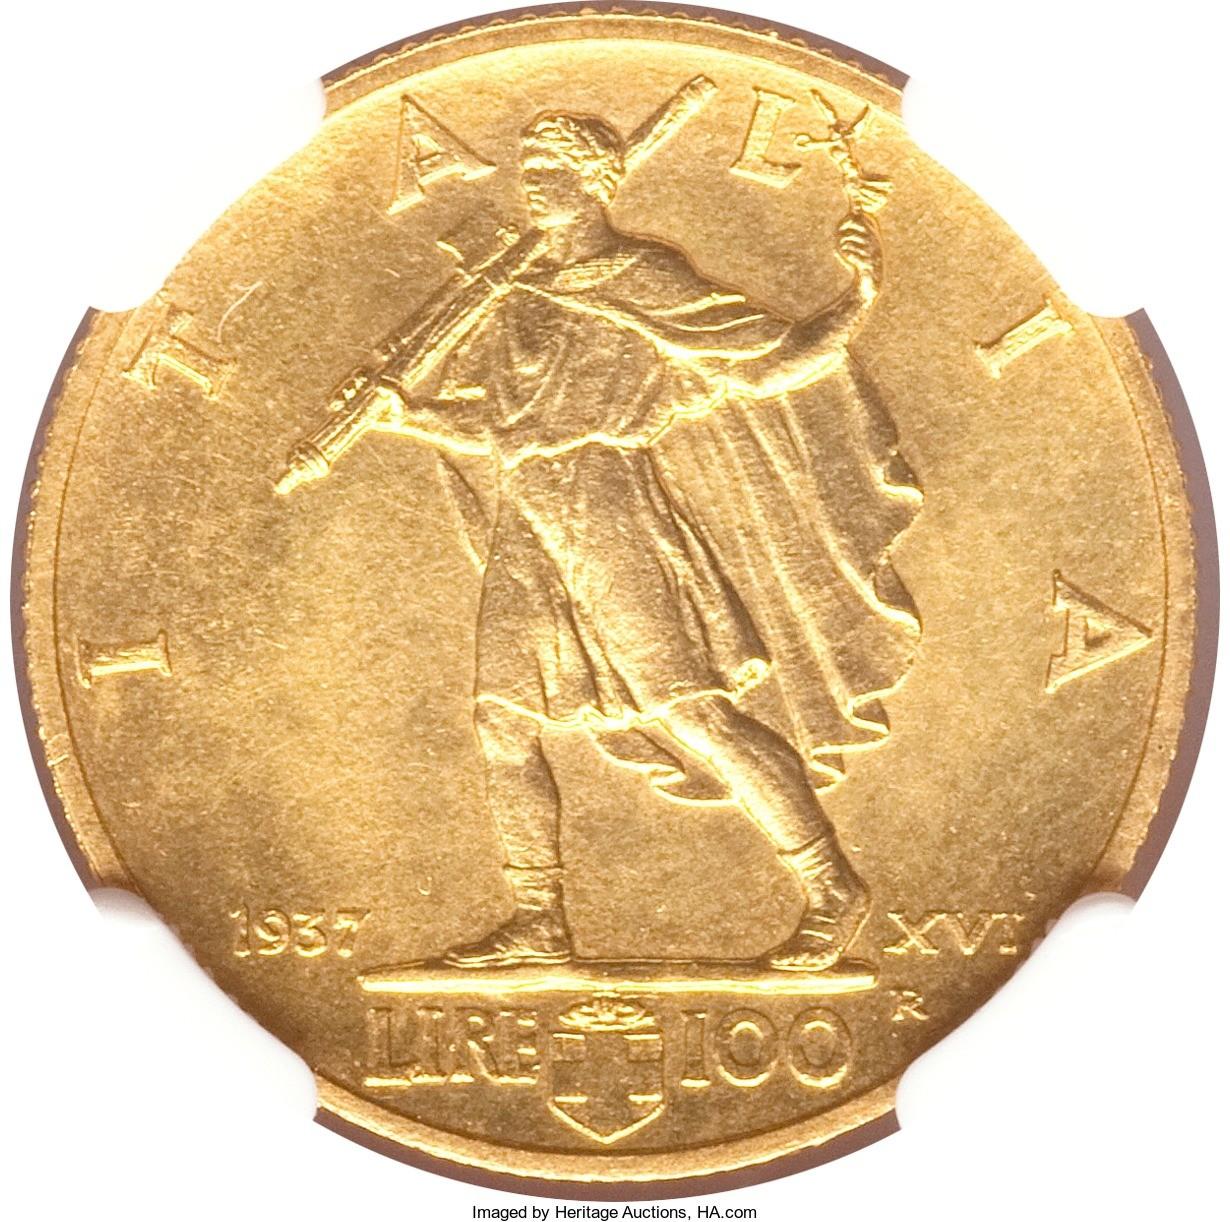 Italy 100 Lire (1937-1940 Vittorio Emanuele III)